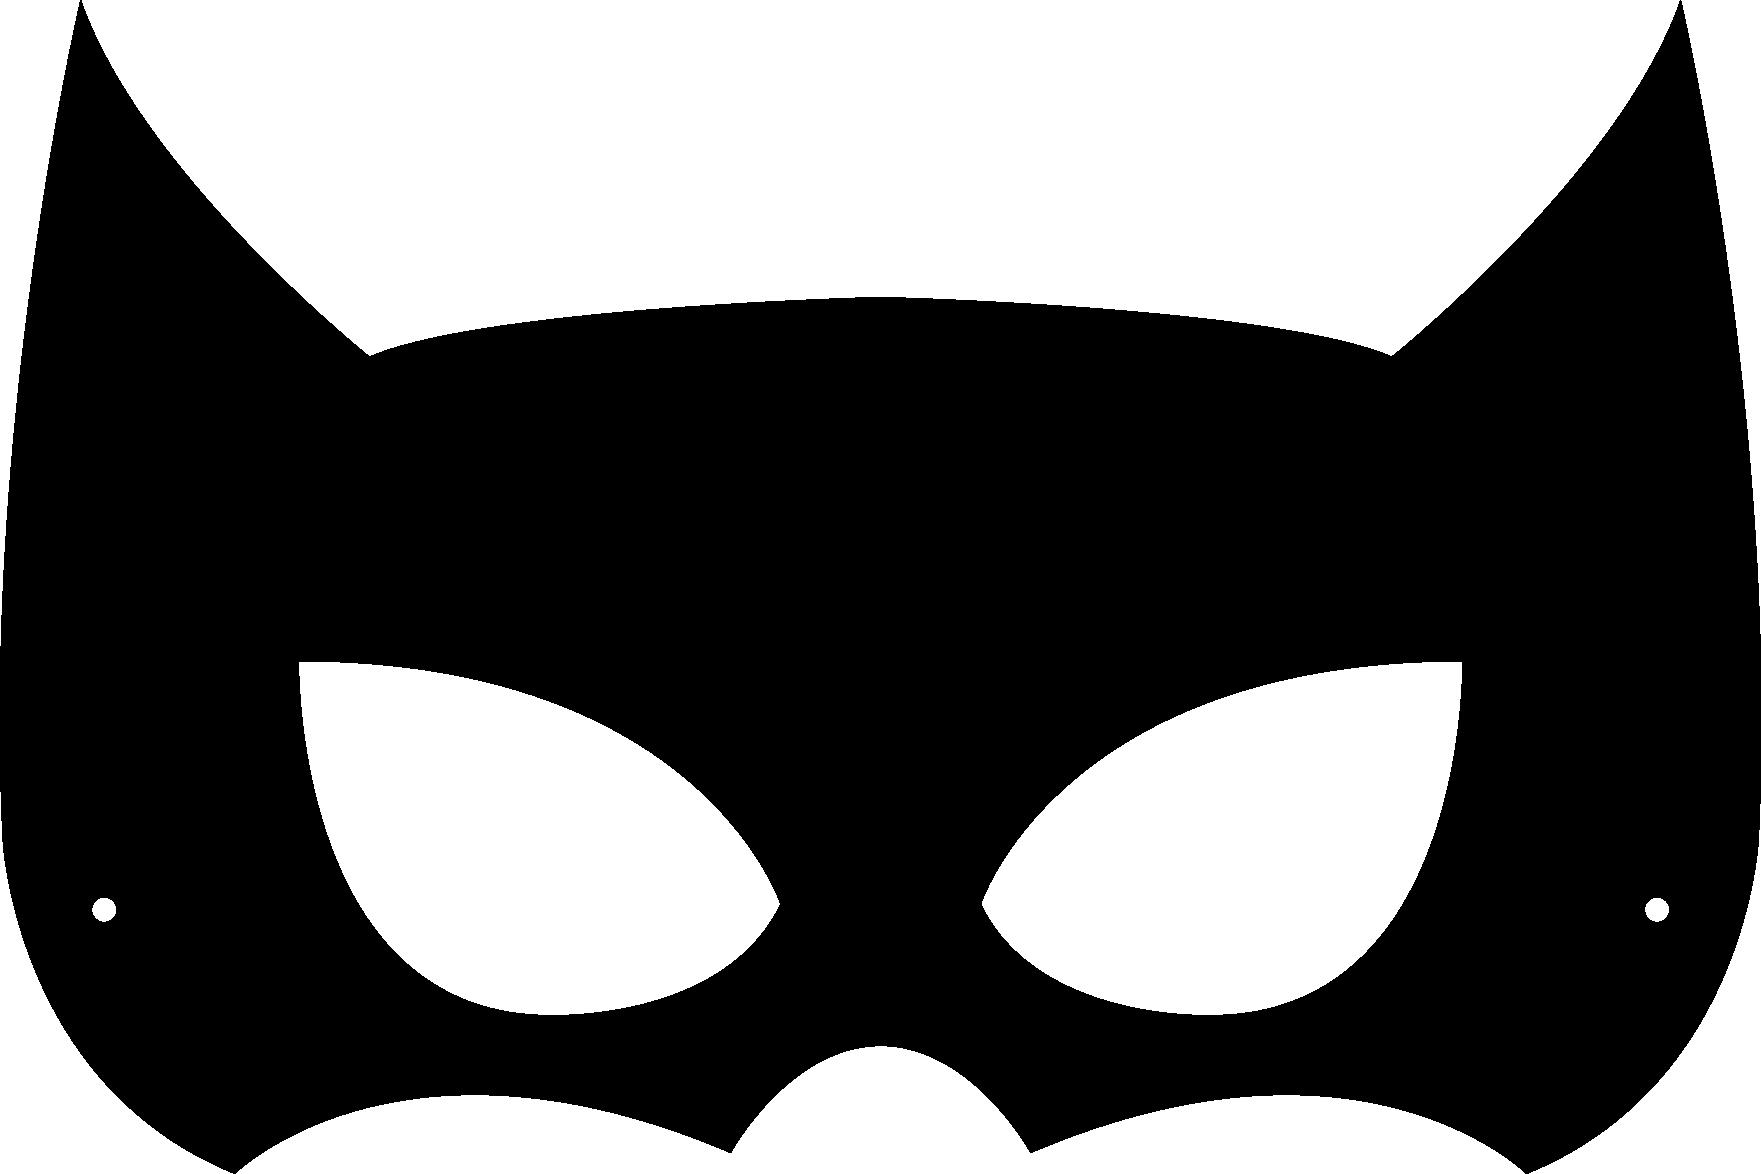 Image Result For Batwoman Mask Template Batman Mask Template Superhero Mask Template Printable Halloween Masks